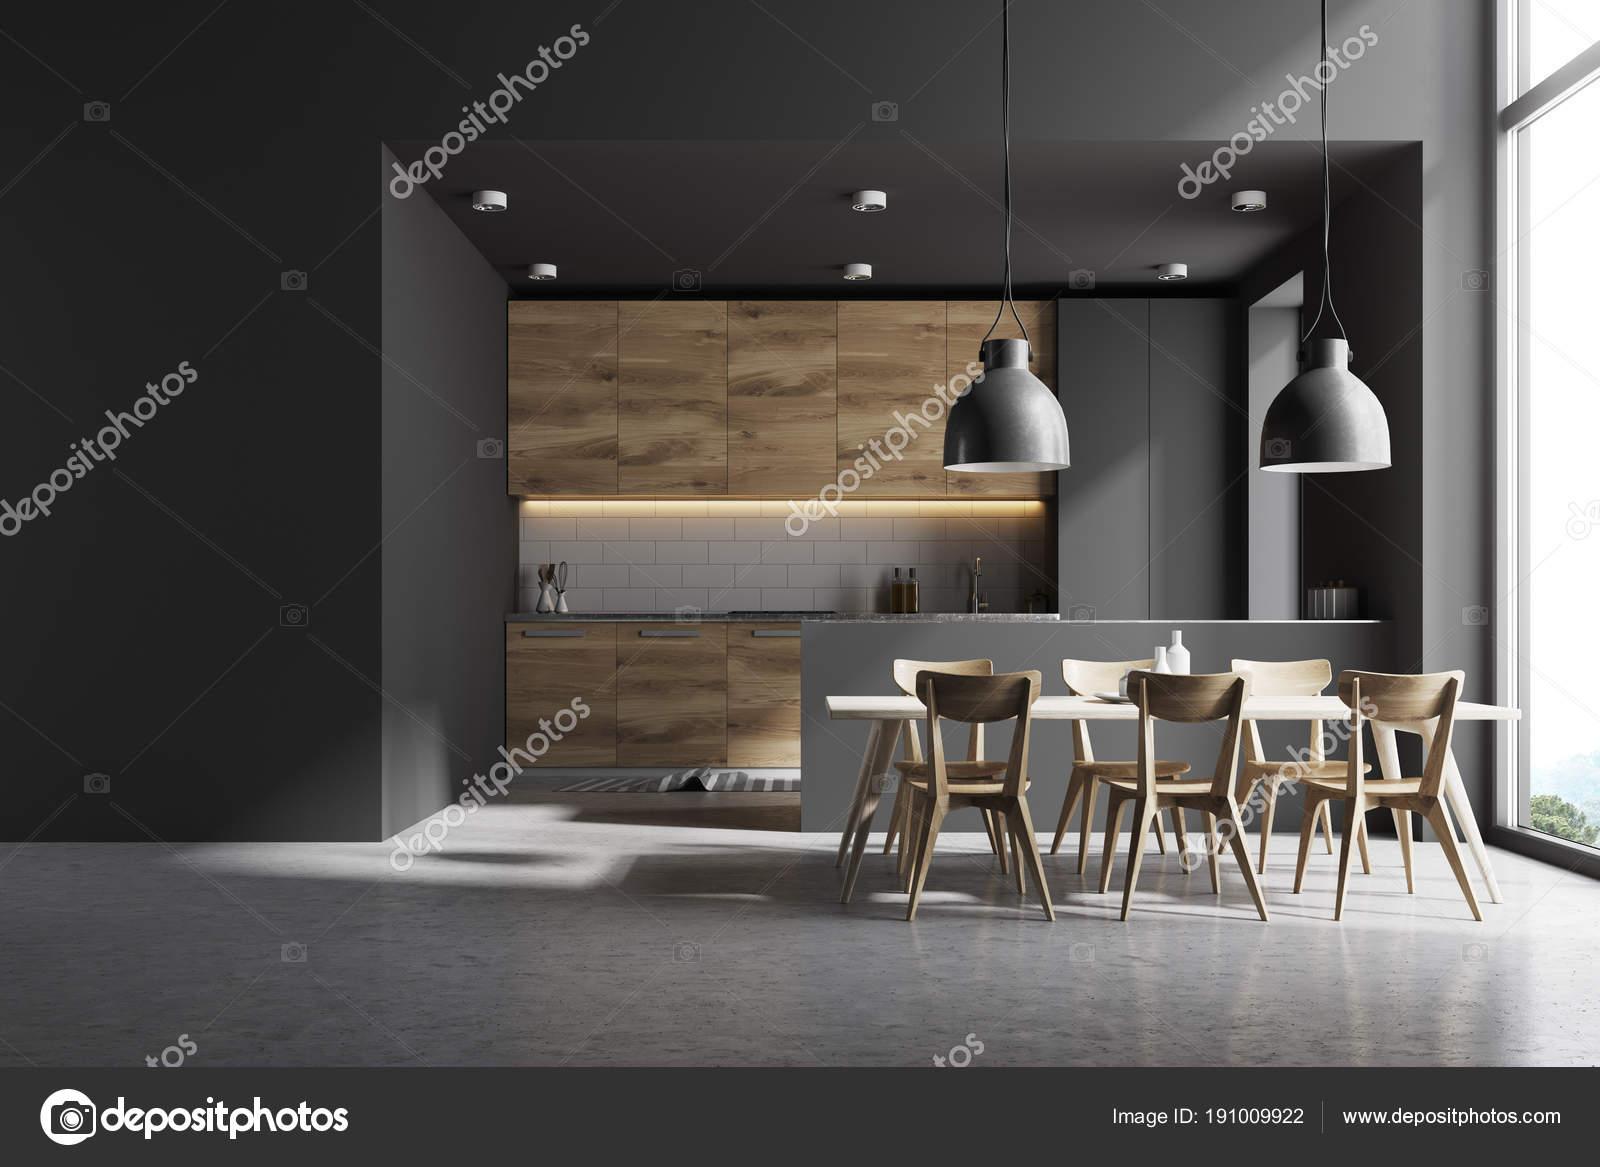 Tavoli Da Parete Cucina : Cucina in legno e grigio con un tavolo da parete u2014 foto stock